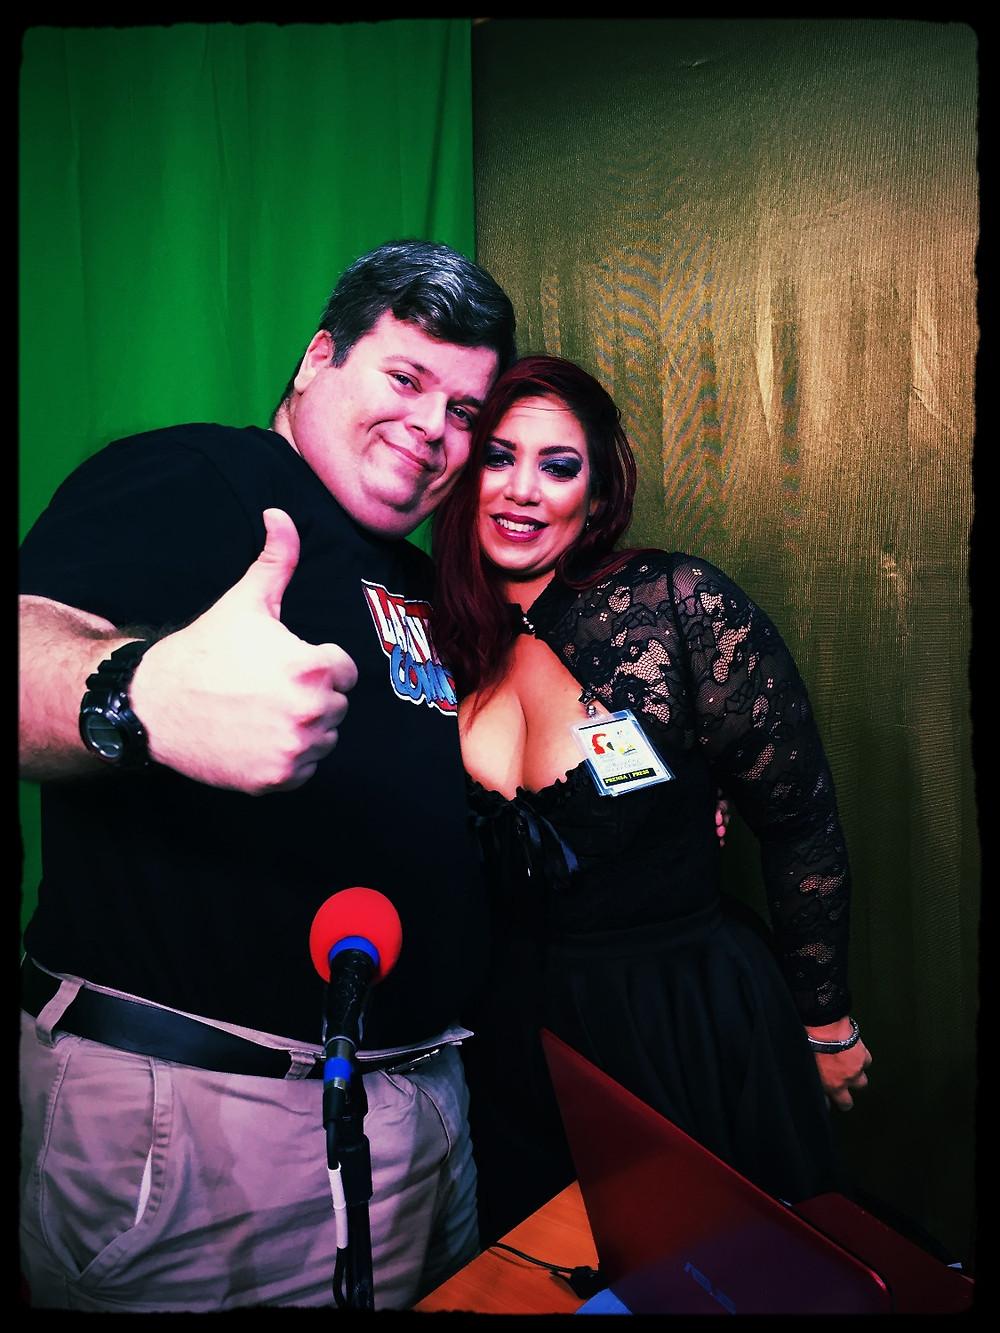 Rafael Serra, creador de Laziva, posa junto a la bella Dolly, en el set del programa Fandom Boricua.